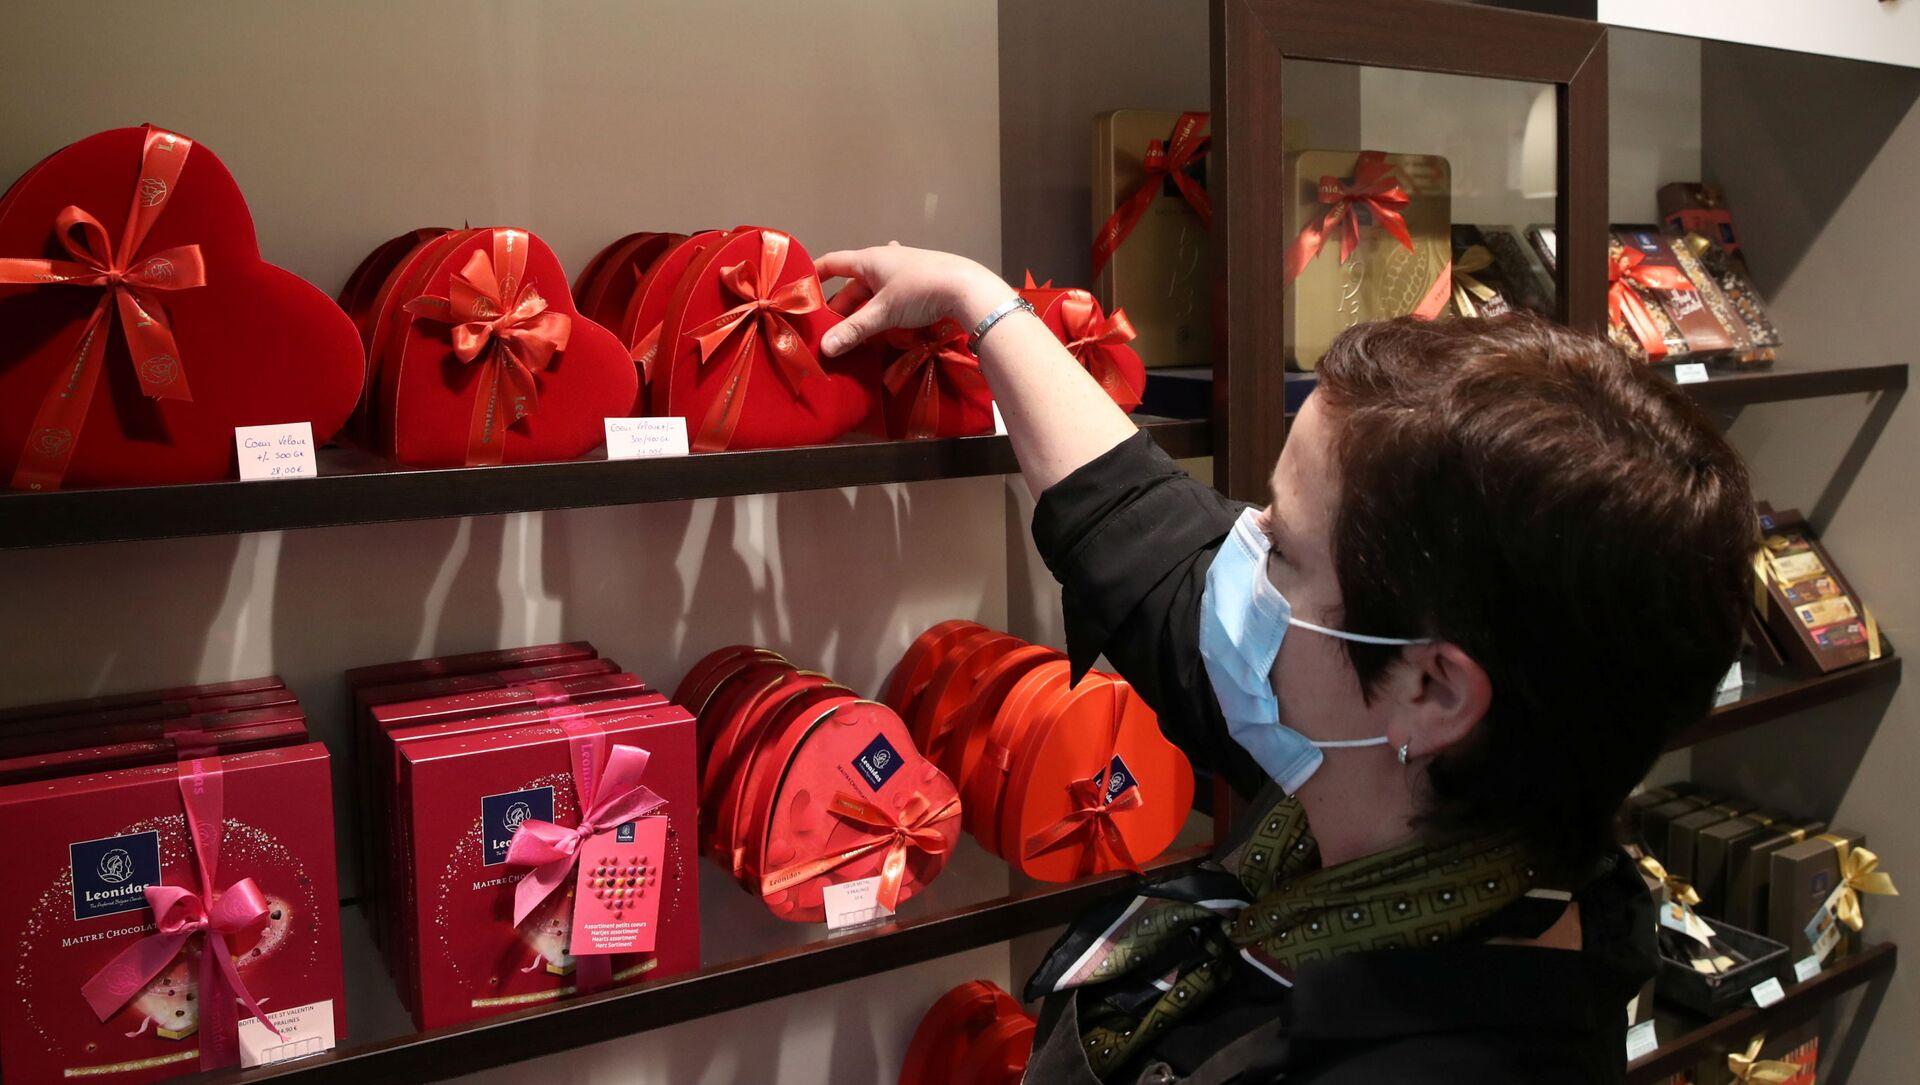 Продавец одного из самых престижных производителей шоколада Бельгии расставляет коробки во время подготовки ко Дню святого Валентина в Брюсселе, Бельгия - Sputnik Italia, 1920, 05.03.2021